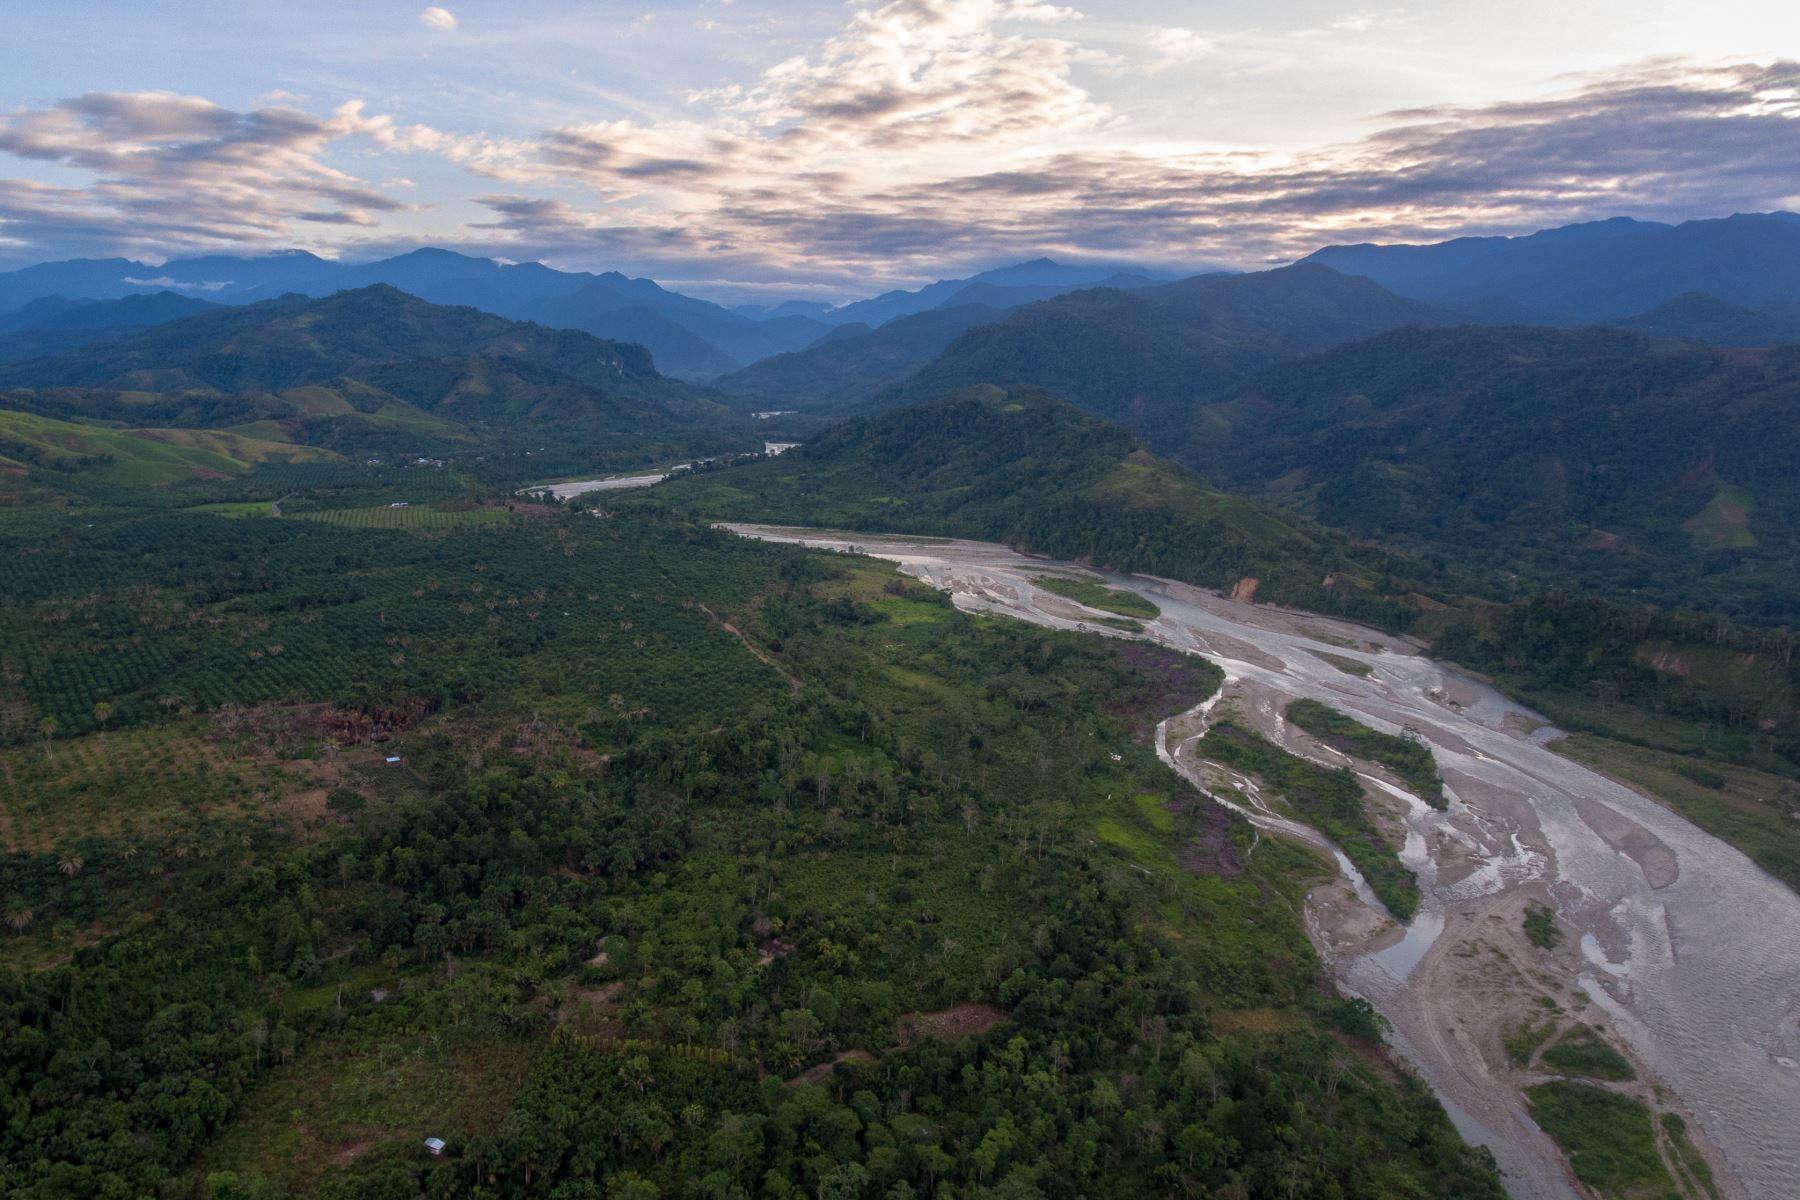 Área de conservación regional Bosques de Shunté y Moshollo (ACR Boshumi) se ubica en San Martín. Foto: Otto Alegre/SPDA